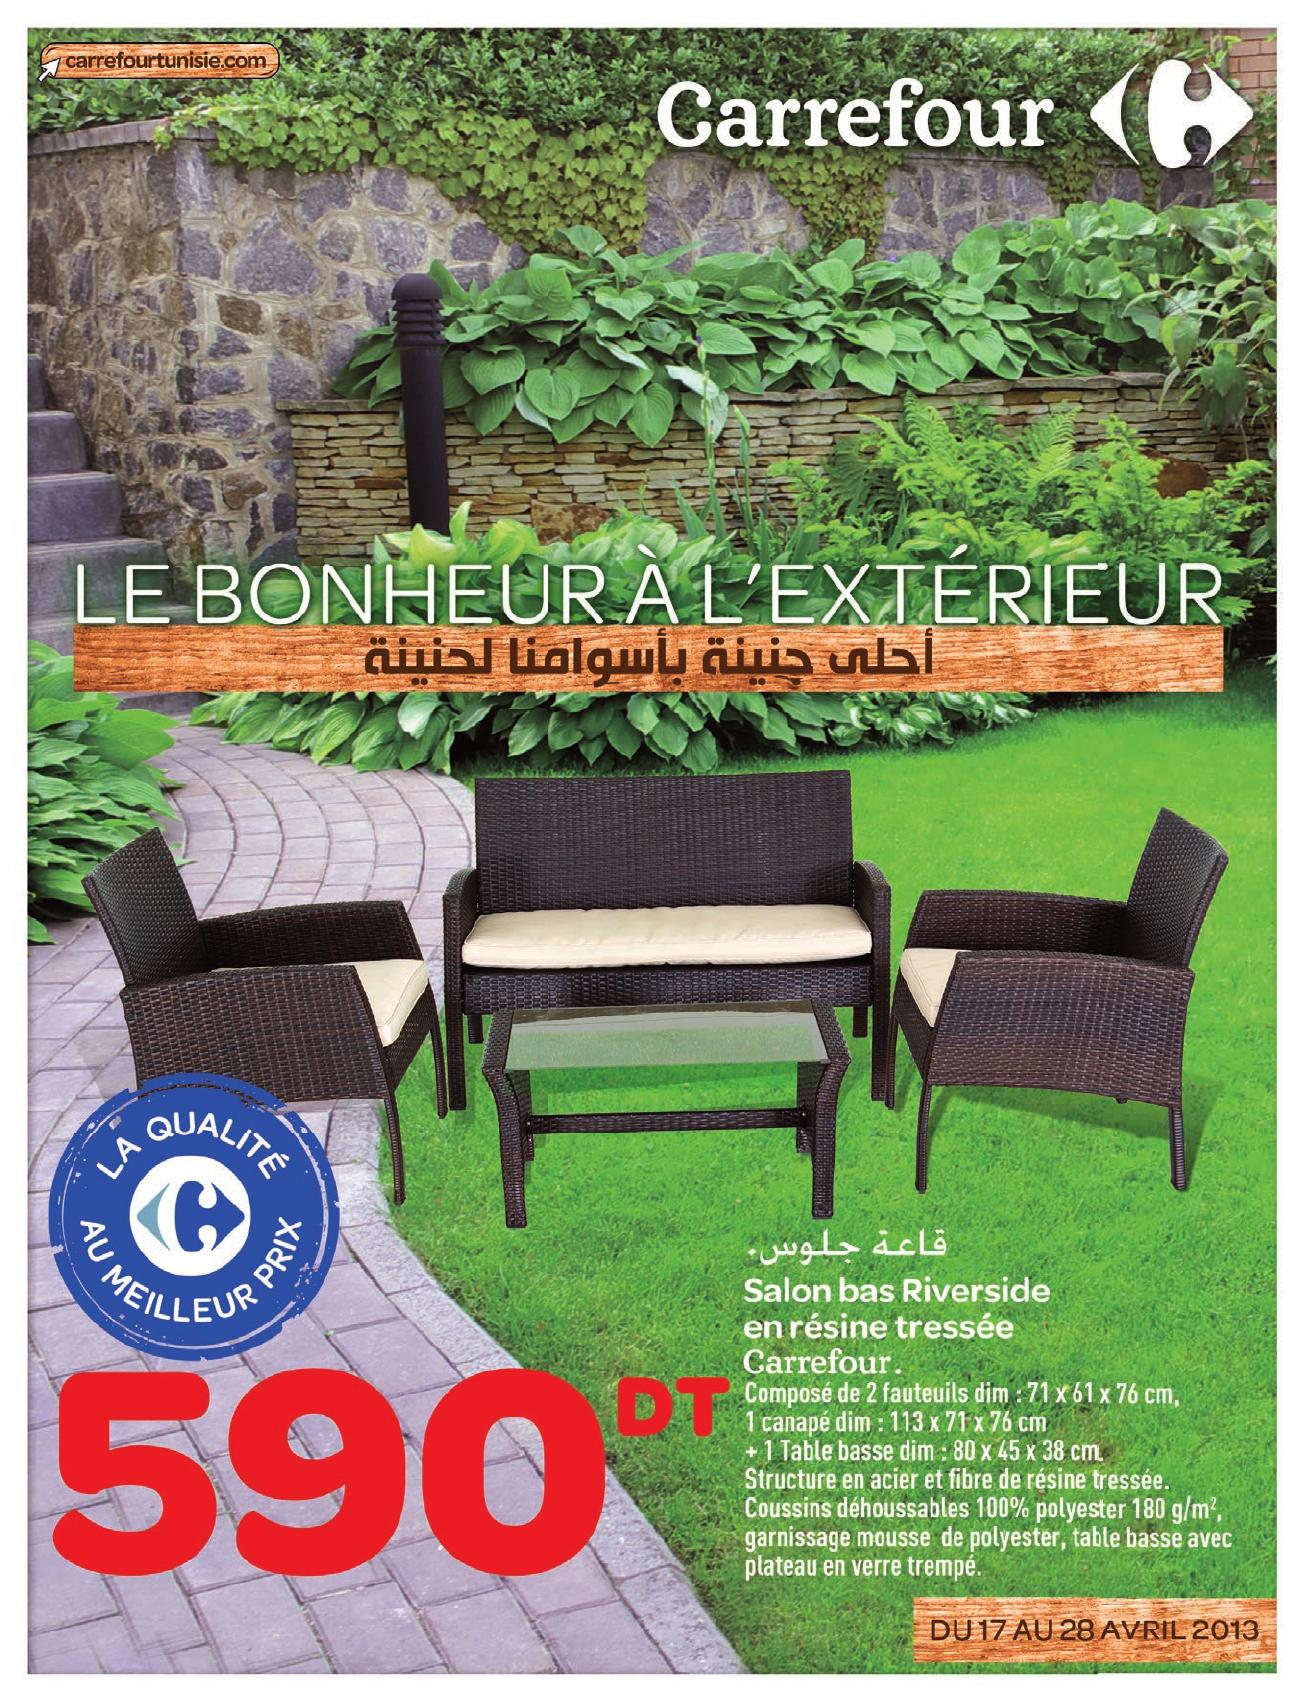 Catalogue Carrefour Le Bonheur L'extrieur serapportantà Salon De Jardin En Résine Tressée Carrefour